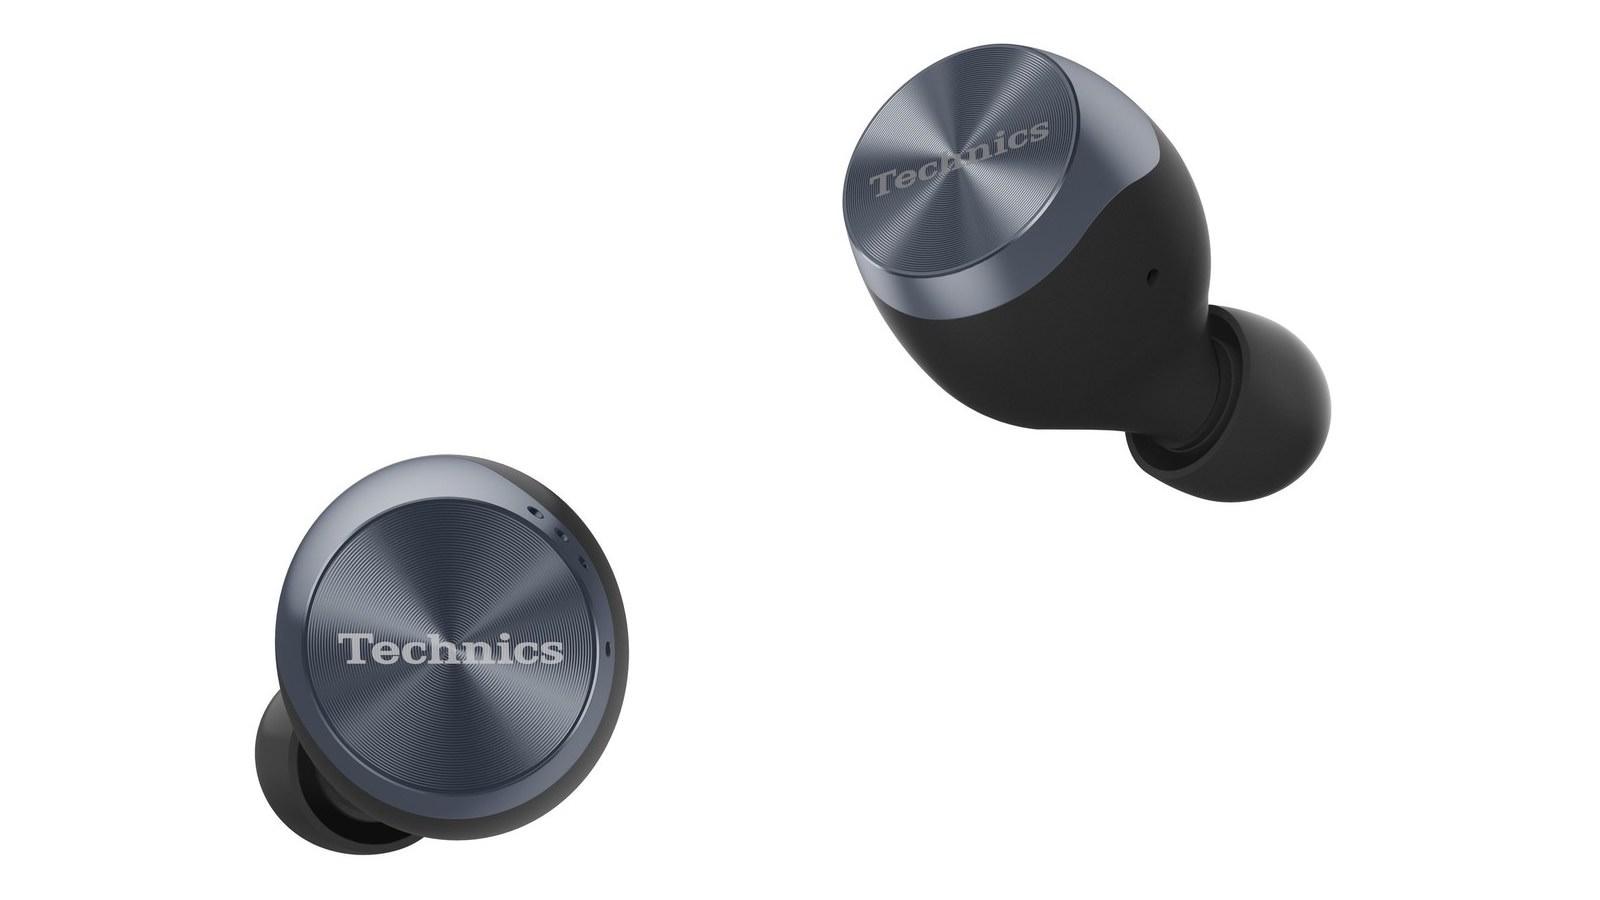 Technics EAH-AZ70W True Wireless Earbuds